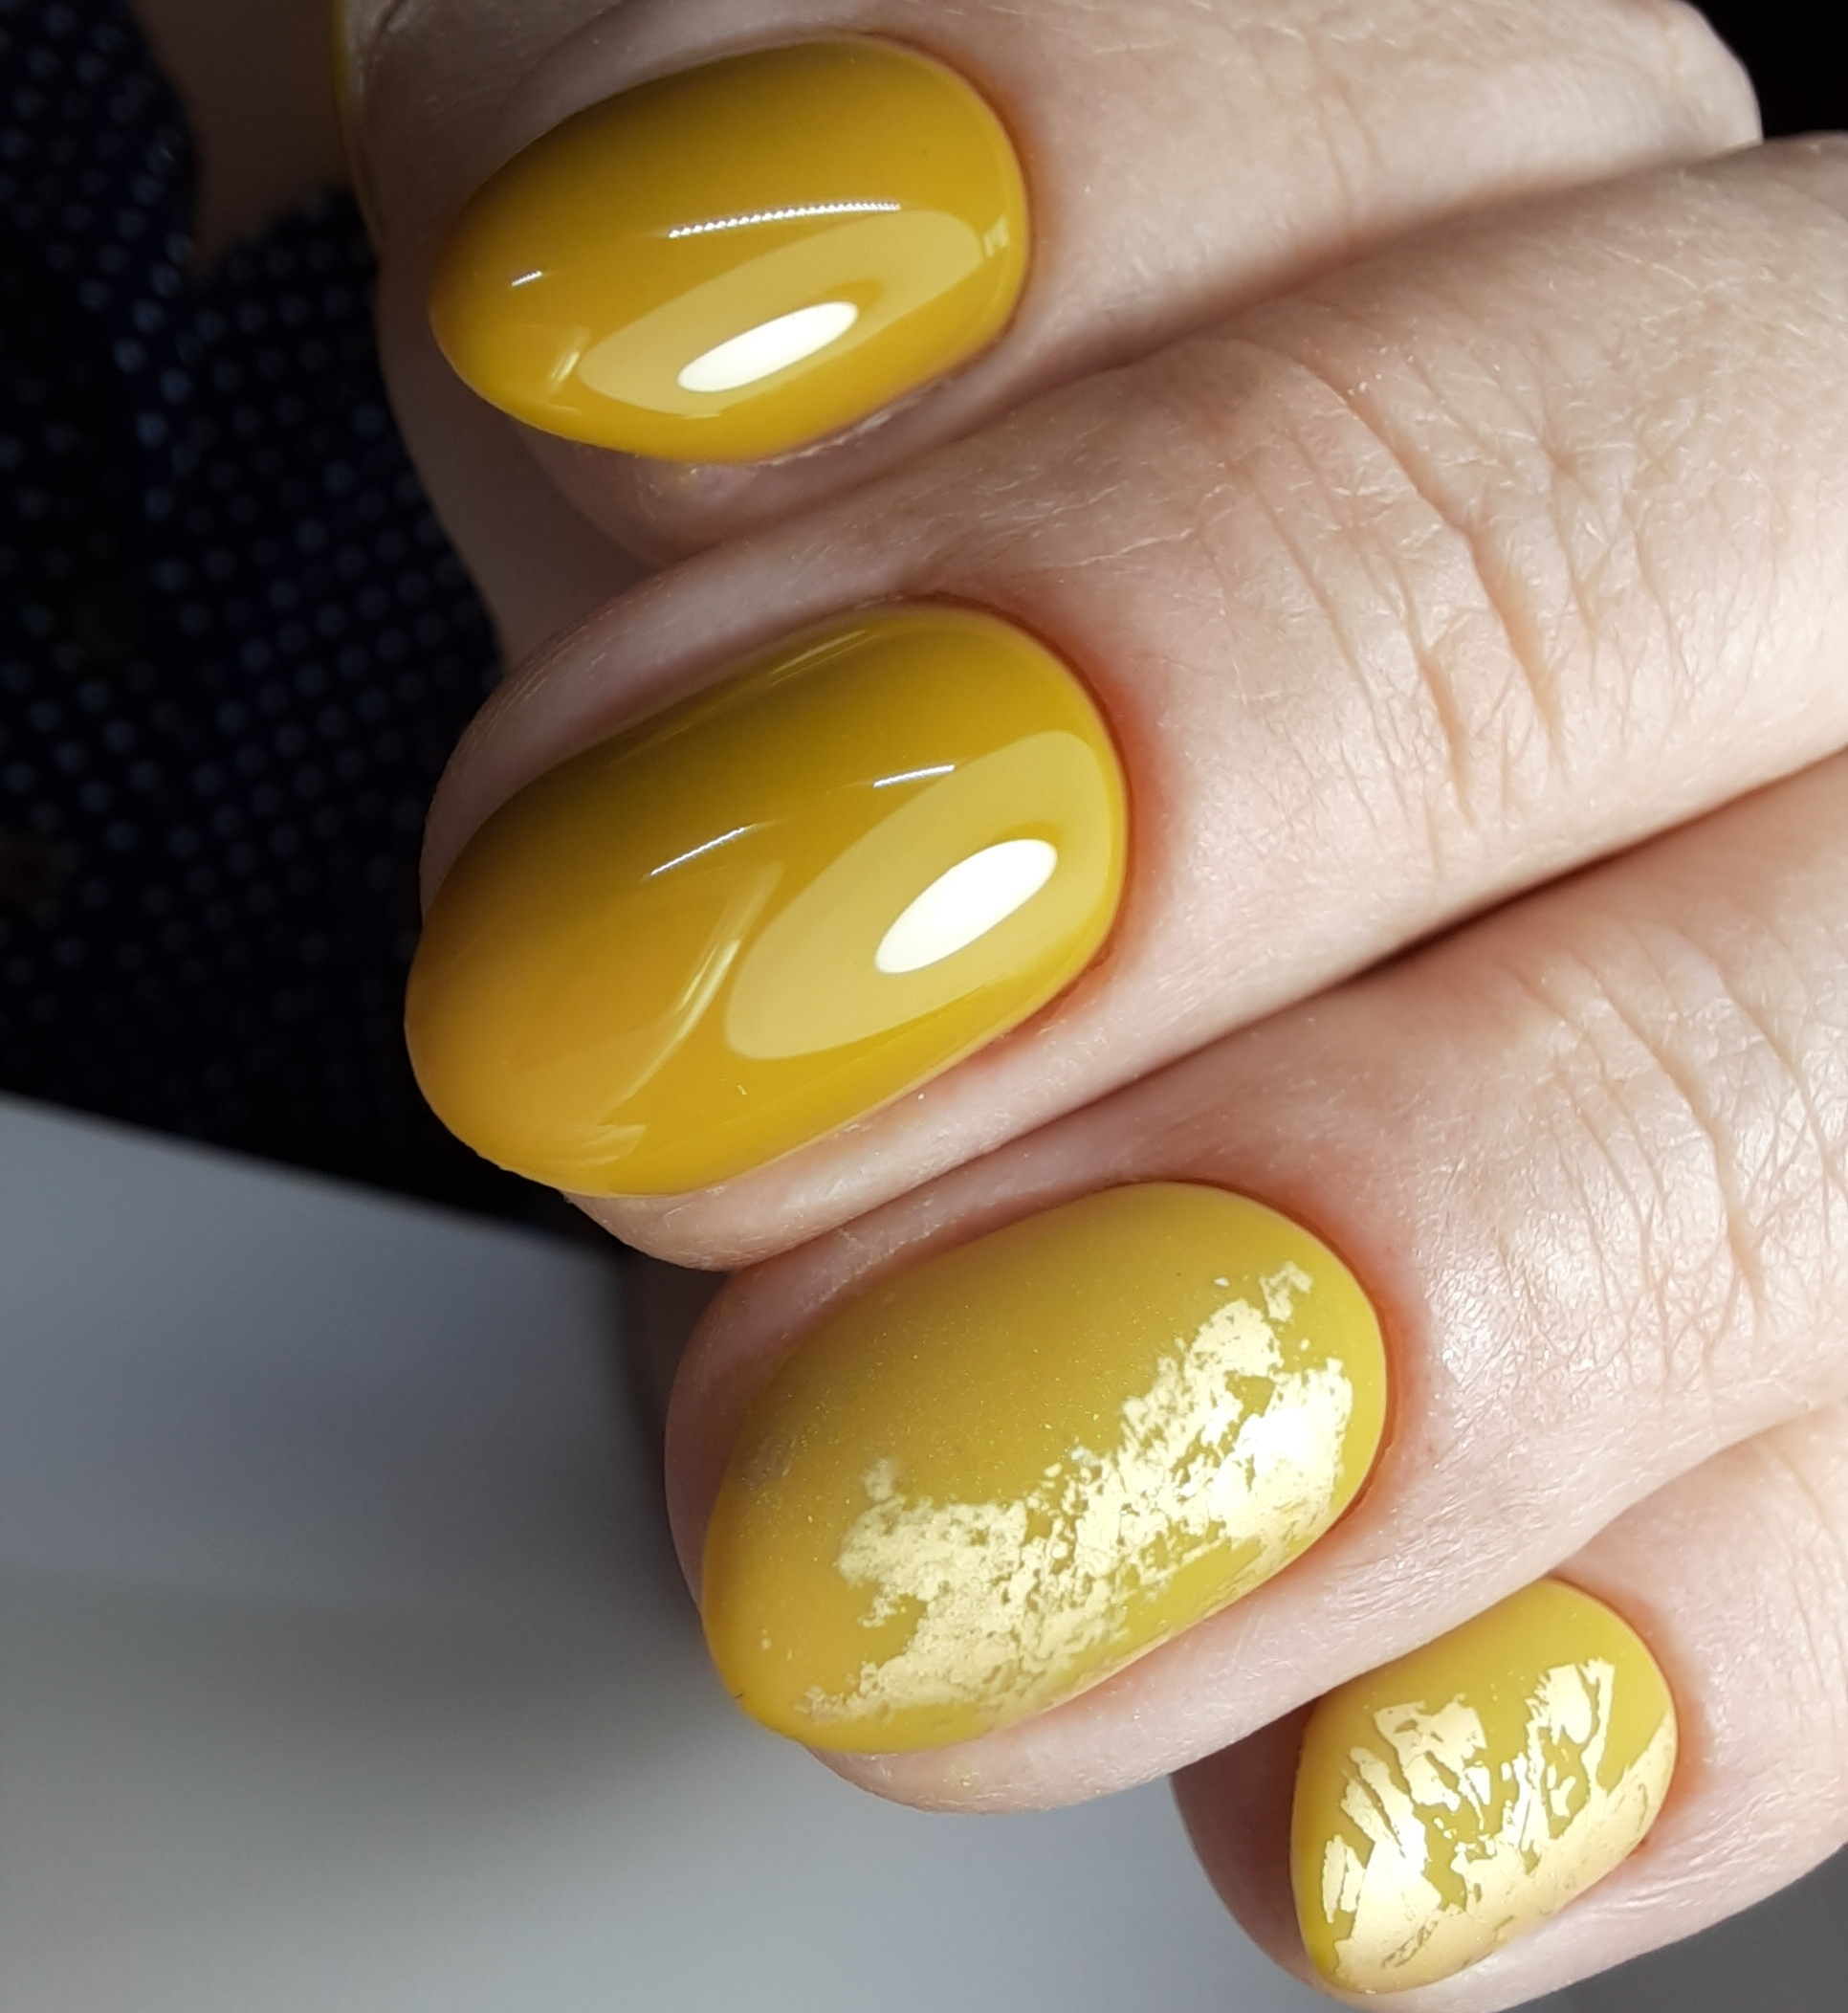 Маникюр с фольгой в желтом цвете.